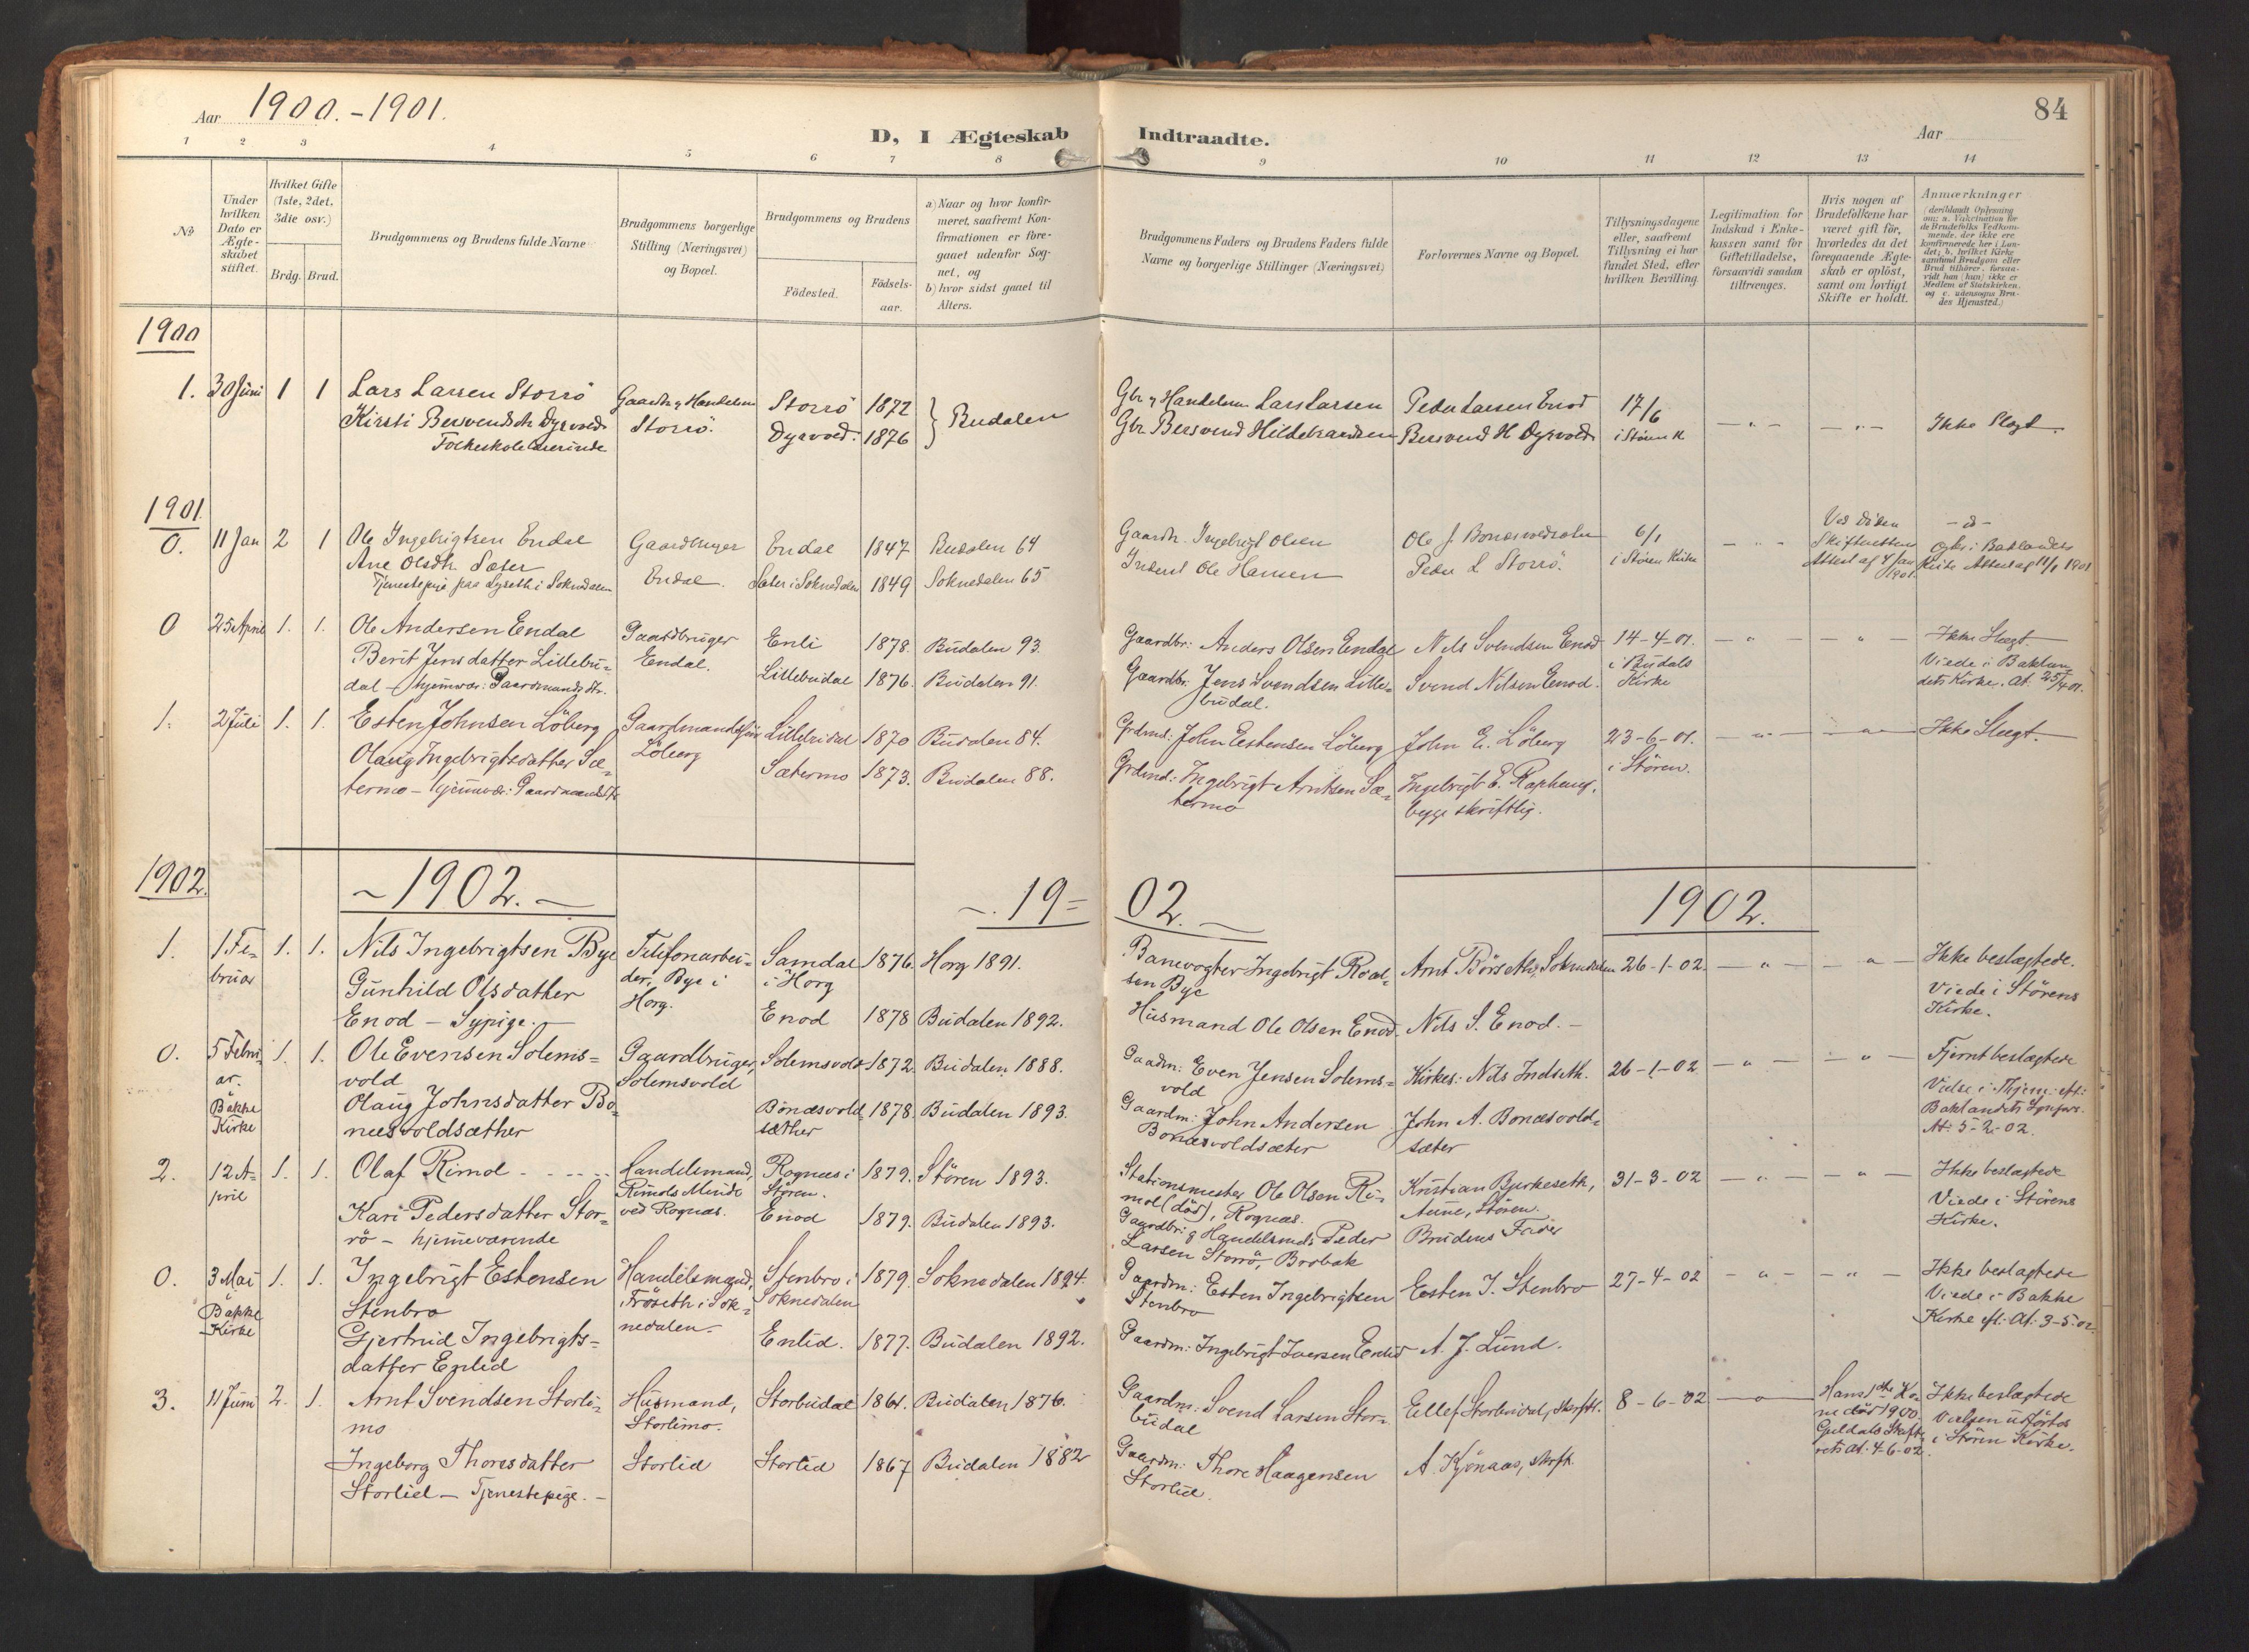 SAT, Ministerialprotokoller, klokkerbøker og fødselsregistre - Sør-Trøndelag, 690/L1050: Ministerialbok nr. 690A01, 1889-1929, s. 84